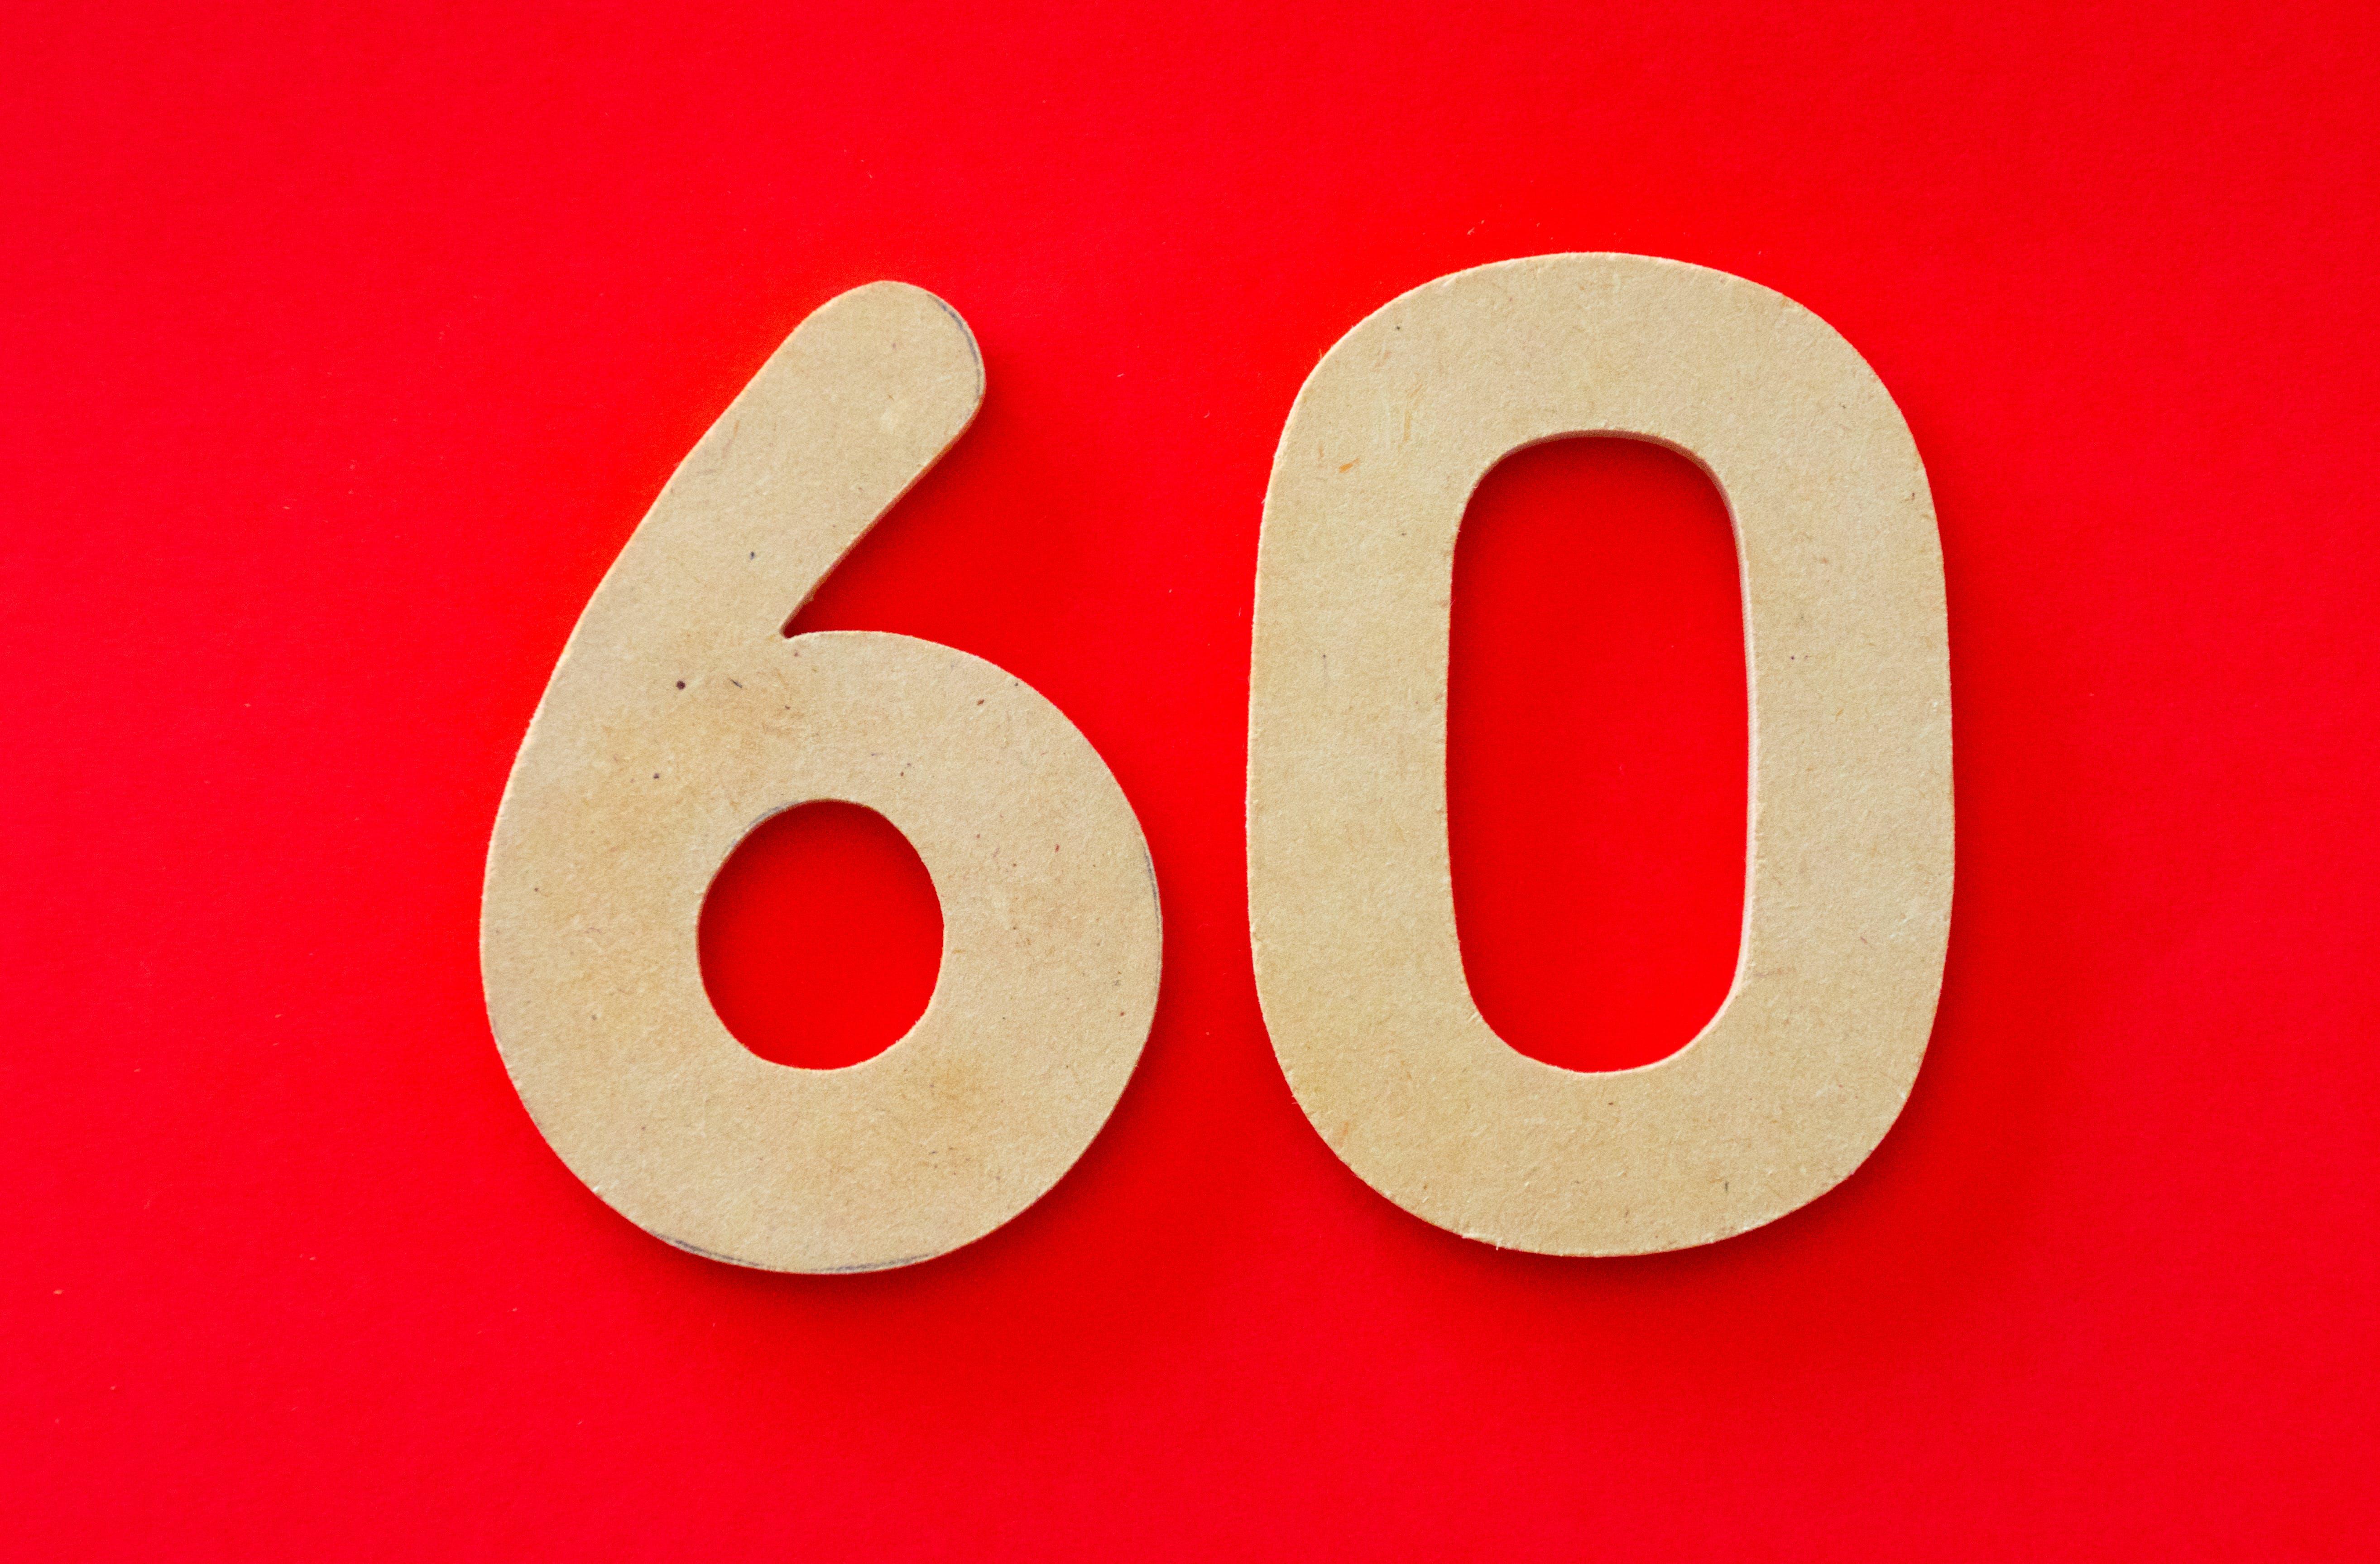 Darmowe zdjęcie z galerii z czerwony, kolory, liczby, wycięty